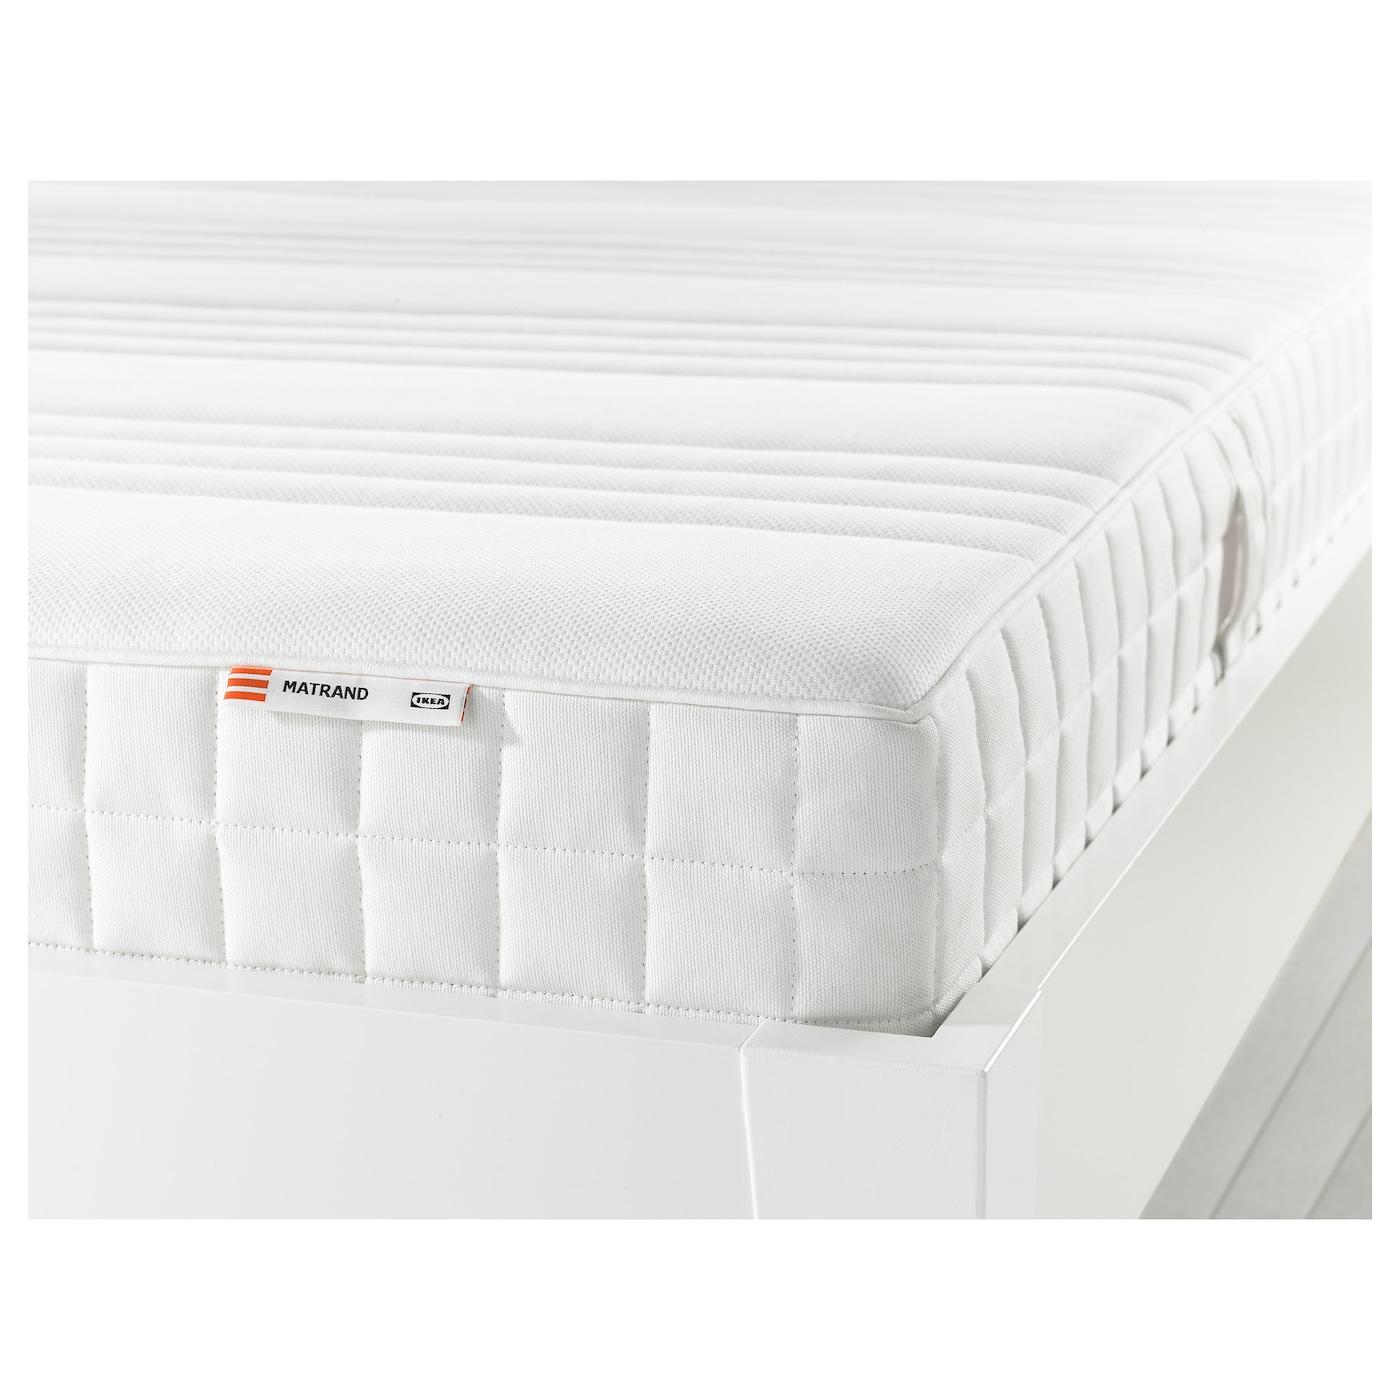 Matrand Memory Foam Mattress Firm White Queen Ikea